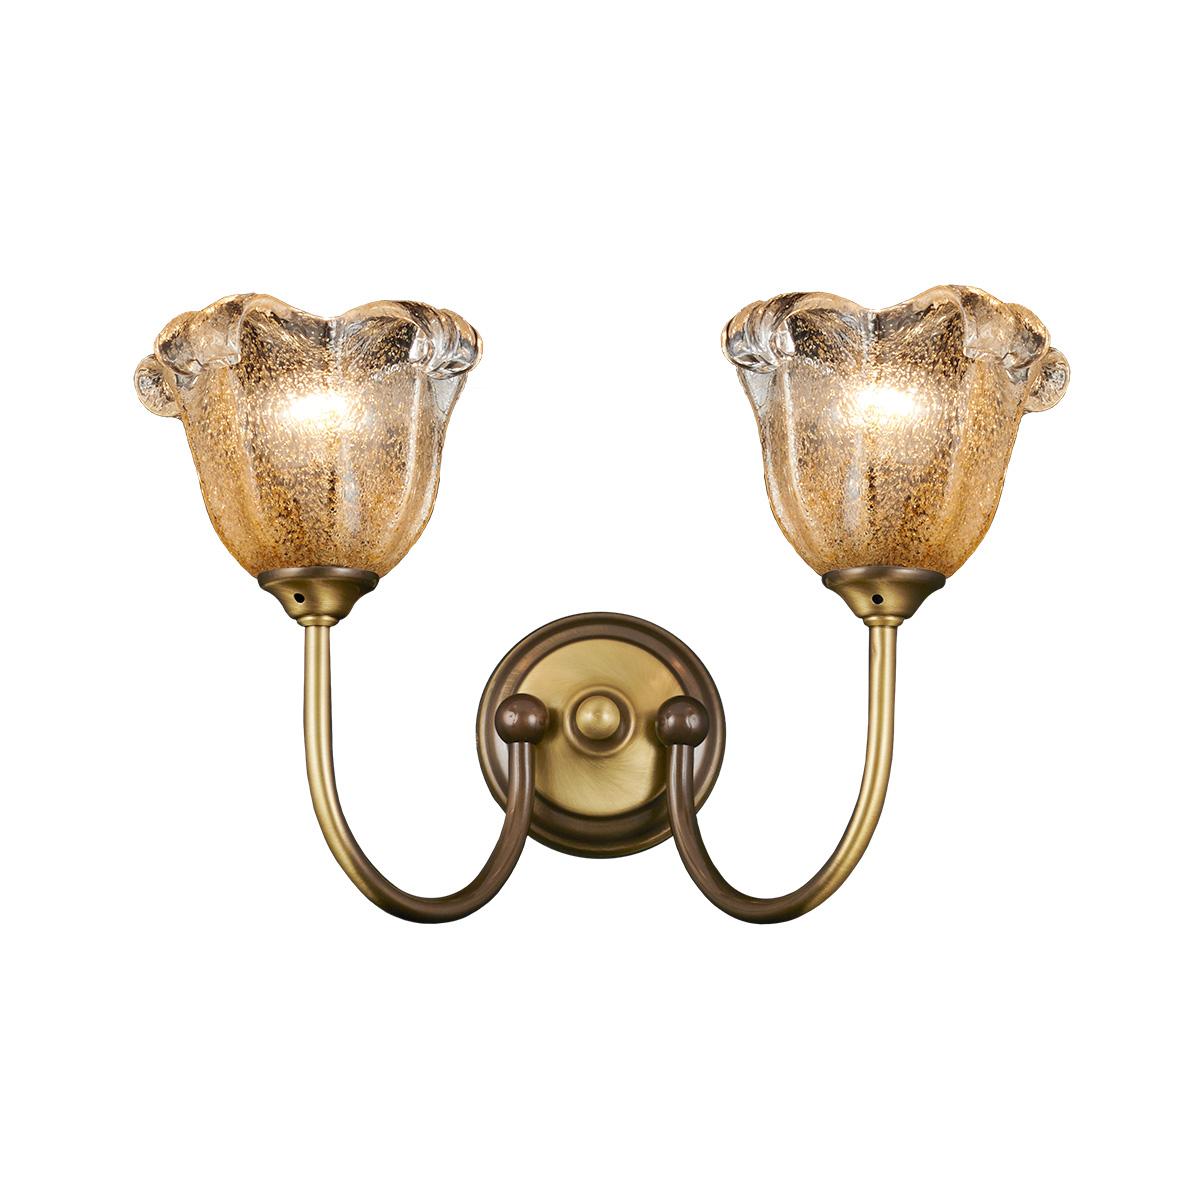 Κλασικό επιτοίχιο φωτιστικό ΝΑΞΟΣ-1 classic wall lamp